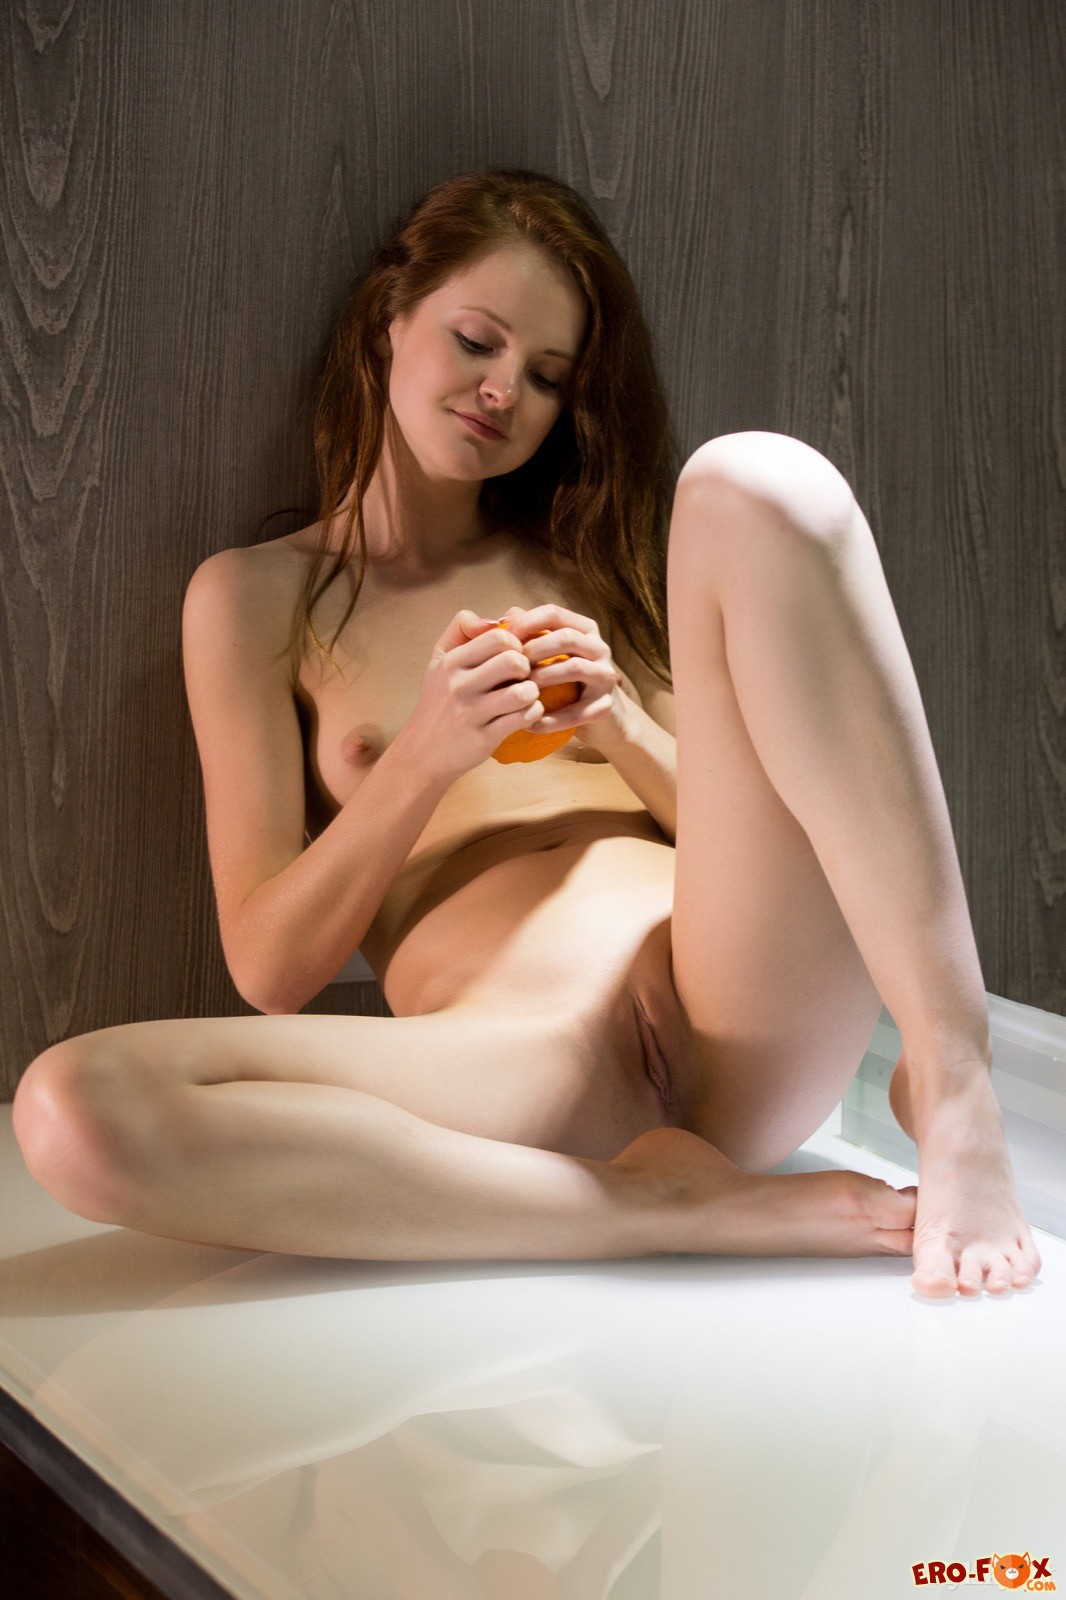 Голая девушка с небольшой грудью